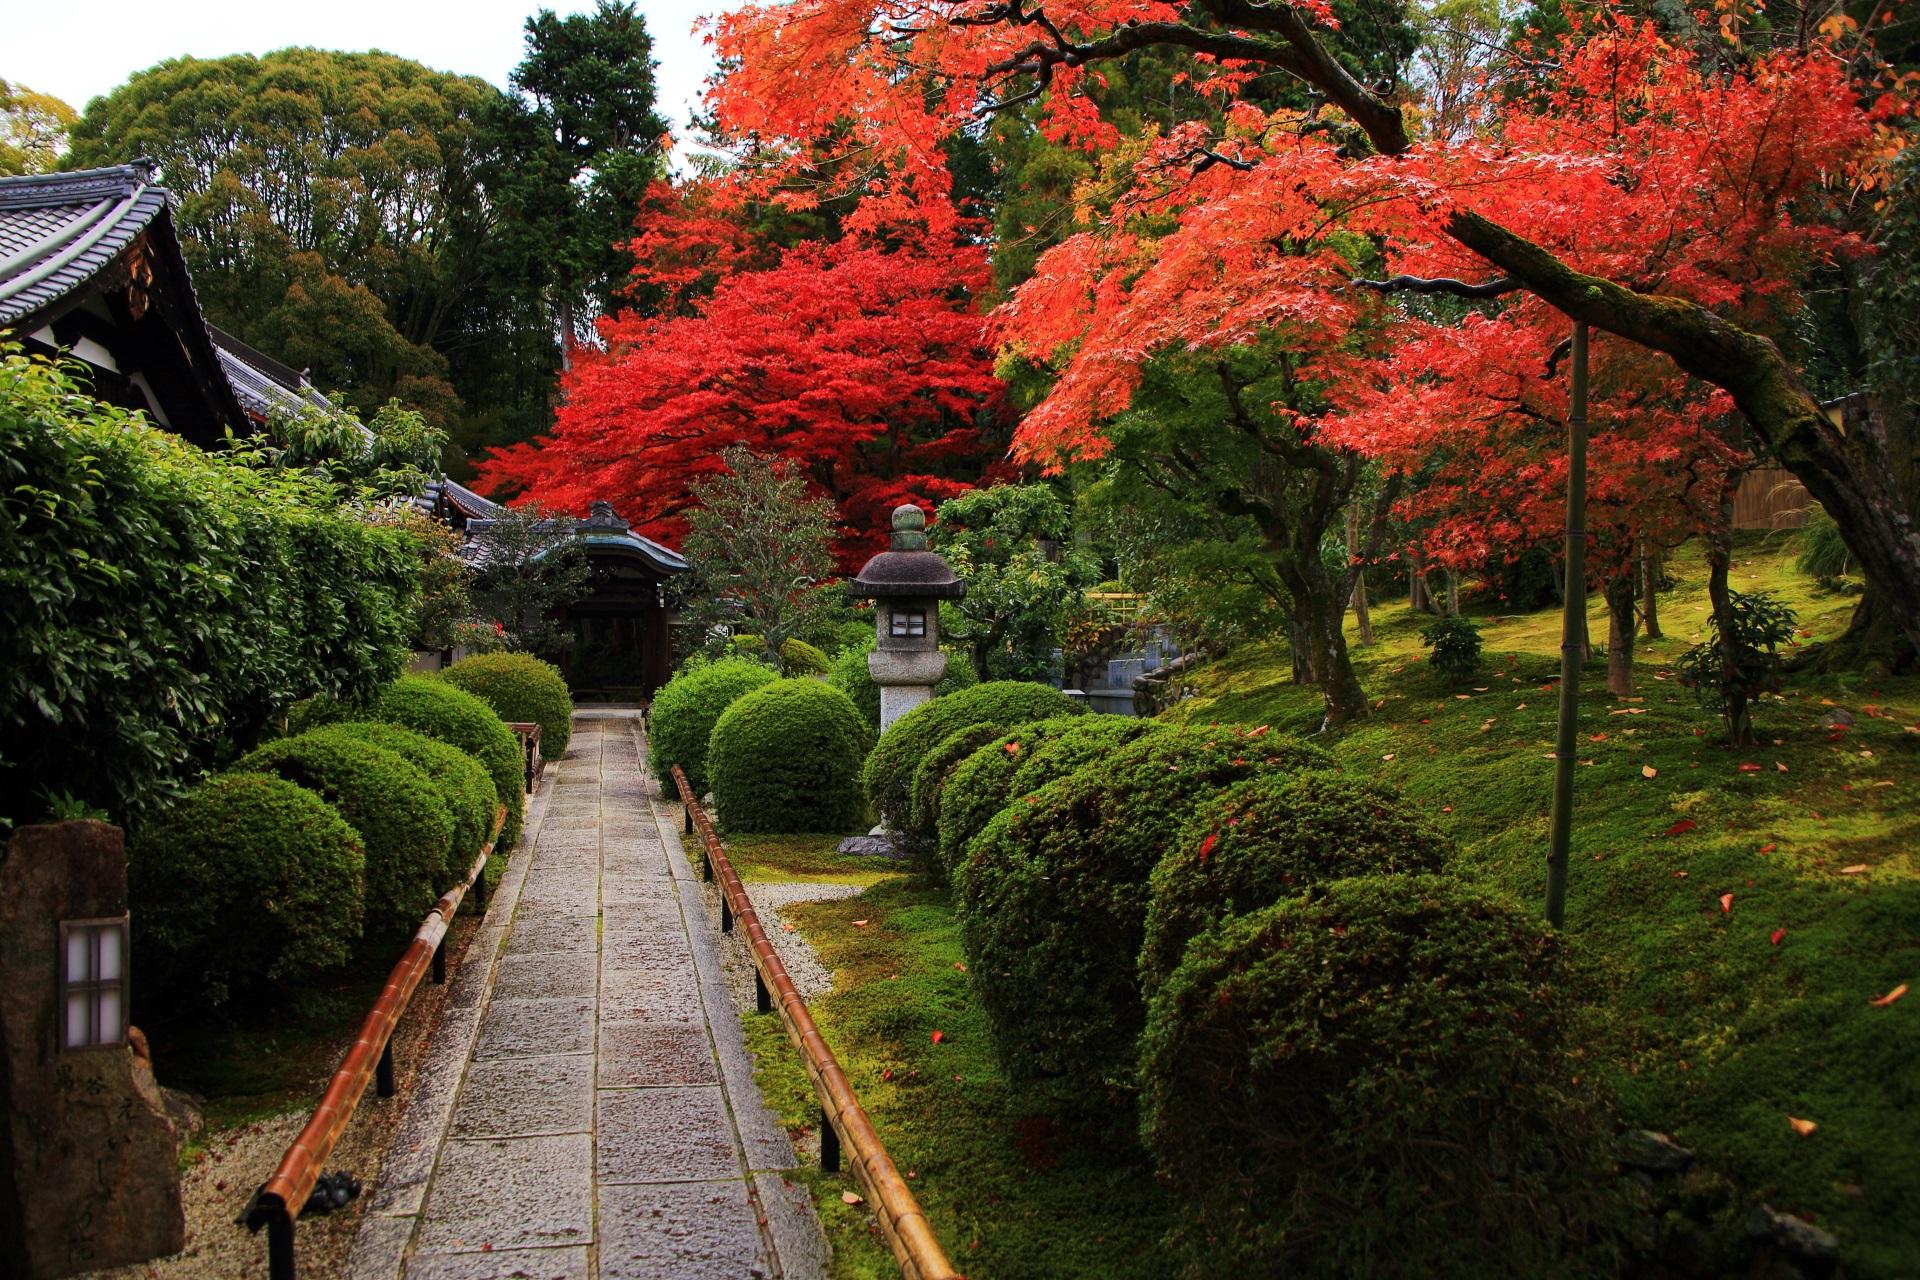 緑の苔や刈り込みや生垣の上を彩る赤やオレンジの鮮やかな紅葉